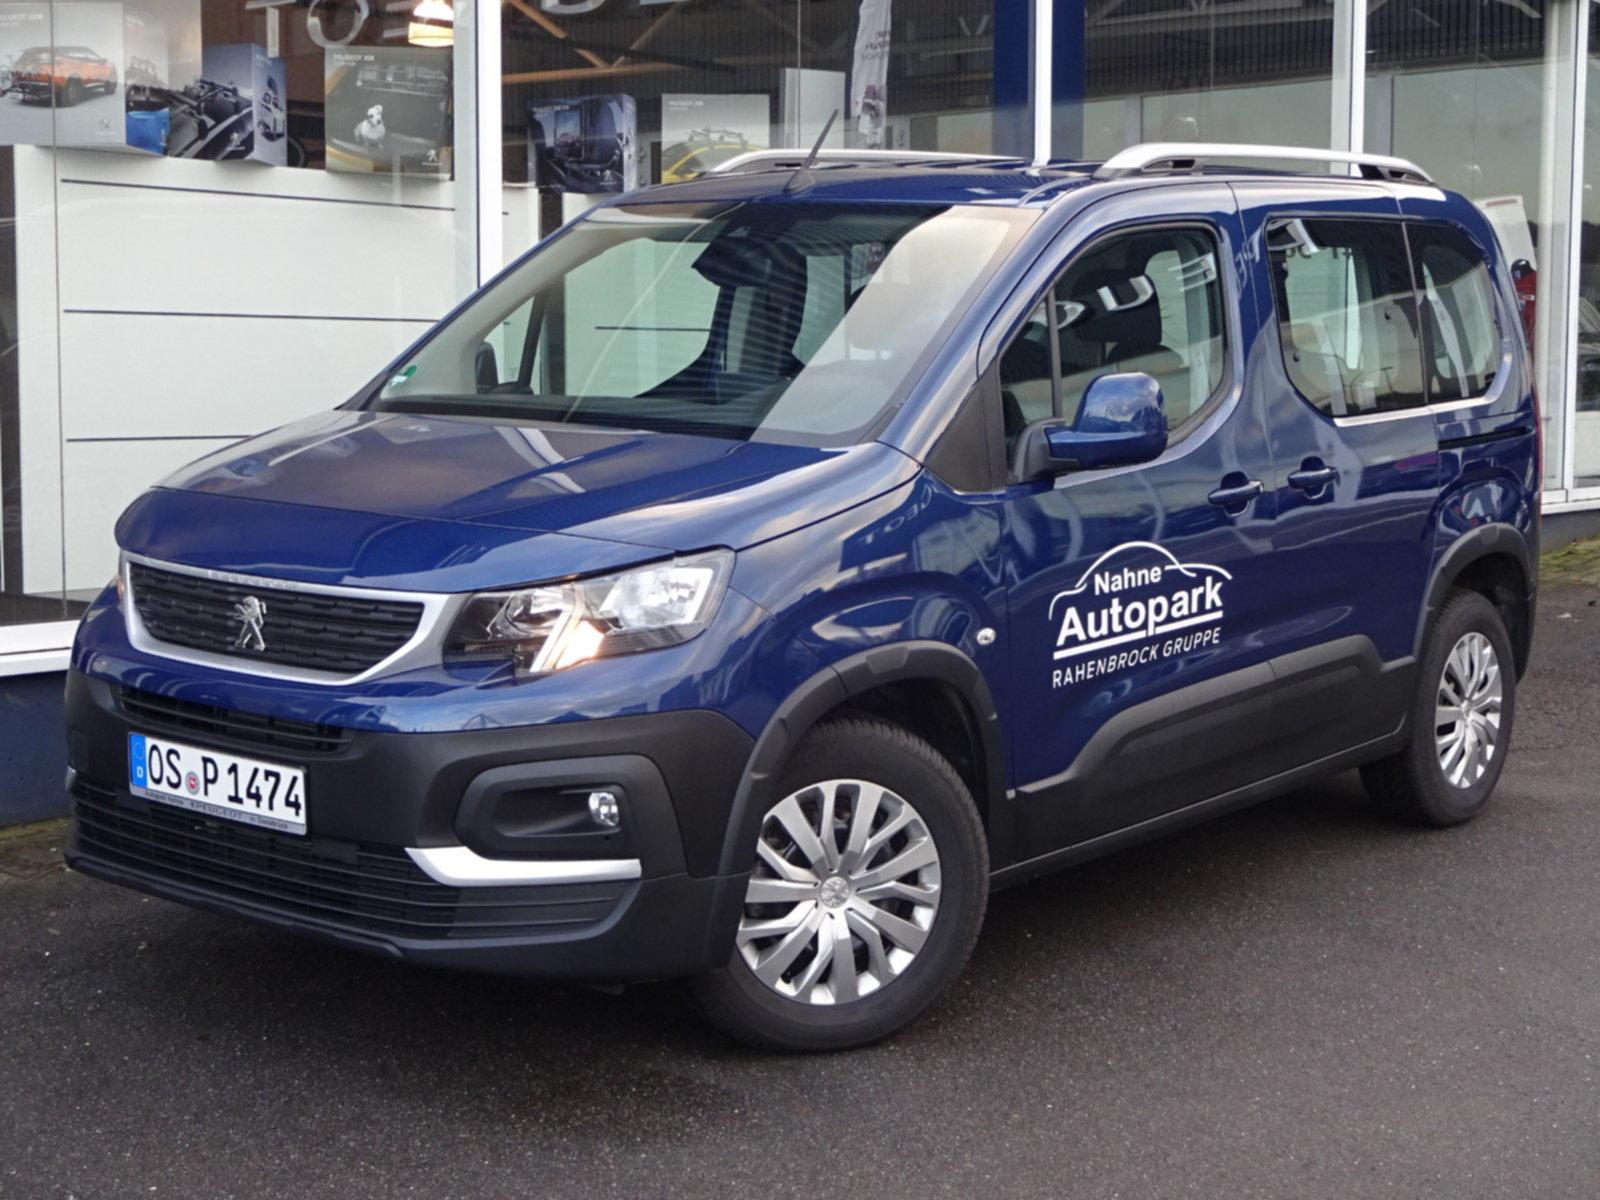 Peugeot Rifter 1.2 PureTech 110 Active L1 EURO 6d-TEMP, Jahr 2019, Benzin